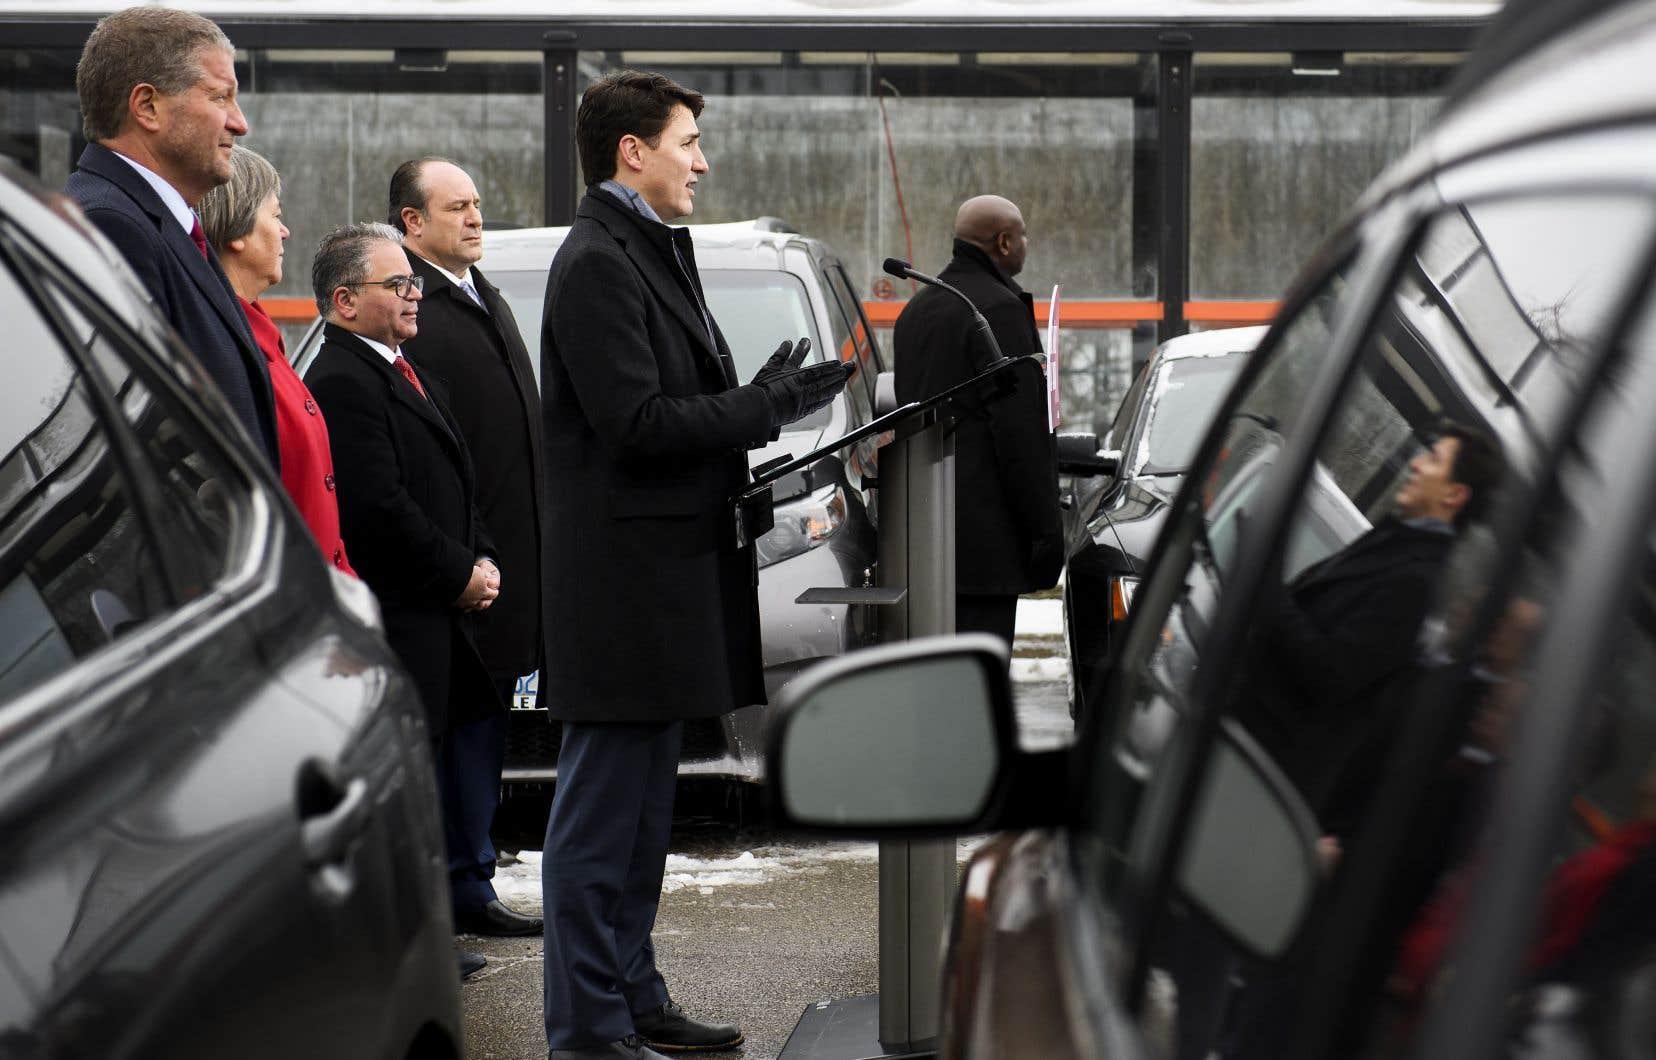 Le premier ministre Justin Trudeau était en tournée dans la banlieue de Toronto, jeudi, quand il a été appelé à commenter les révélations du quotidien «Globe and Mail».